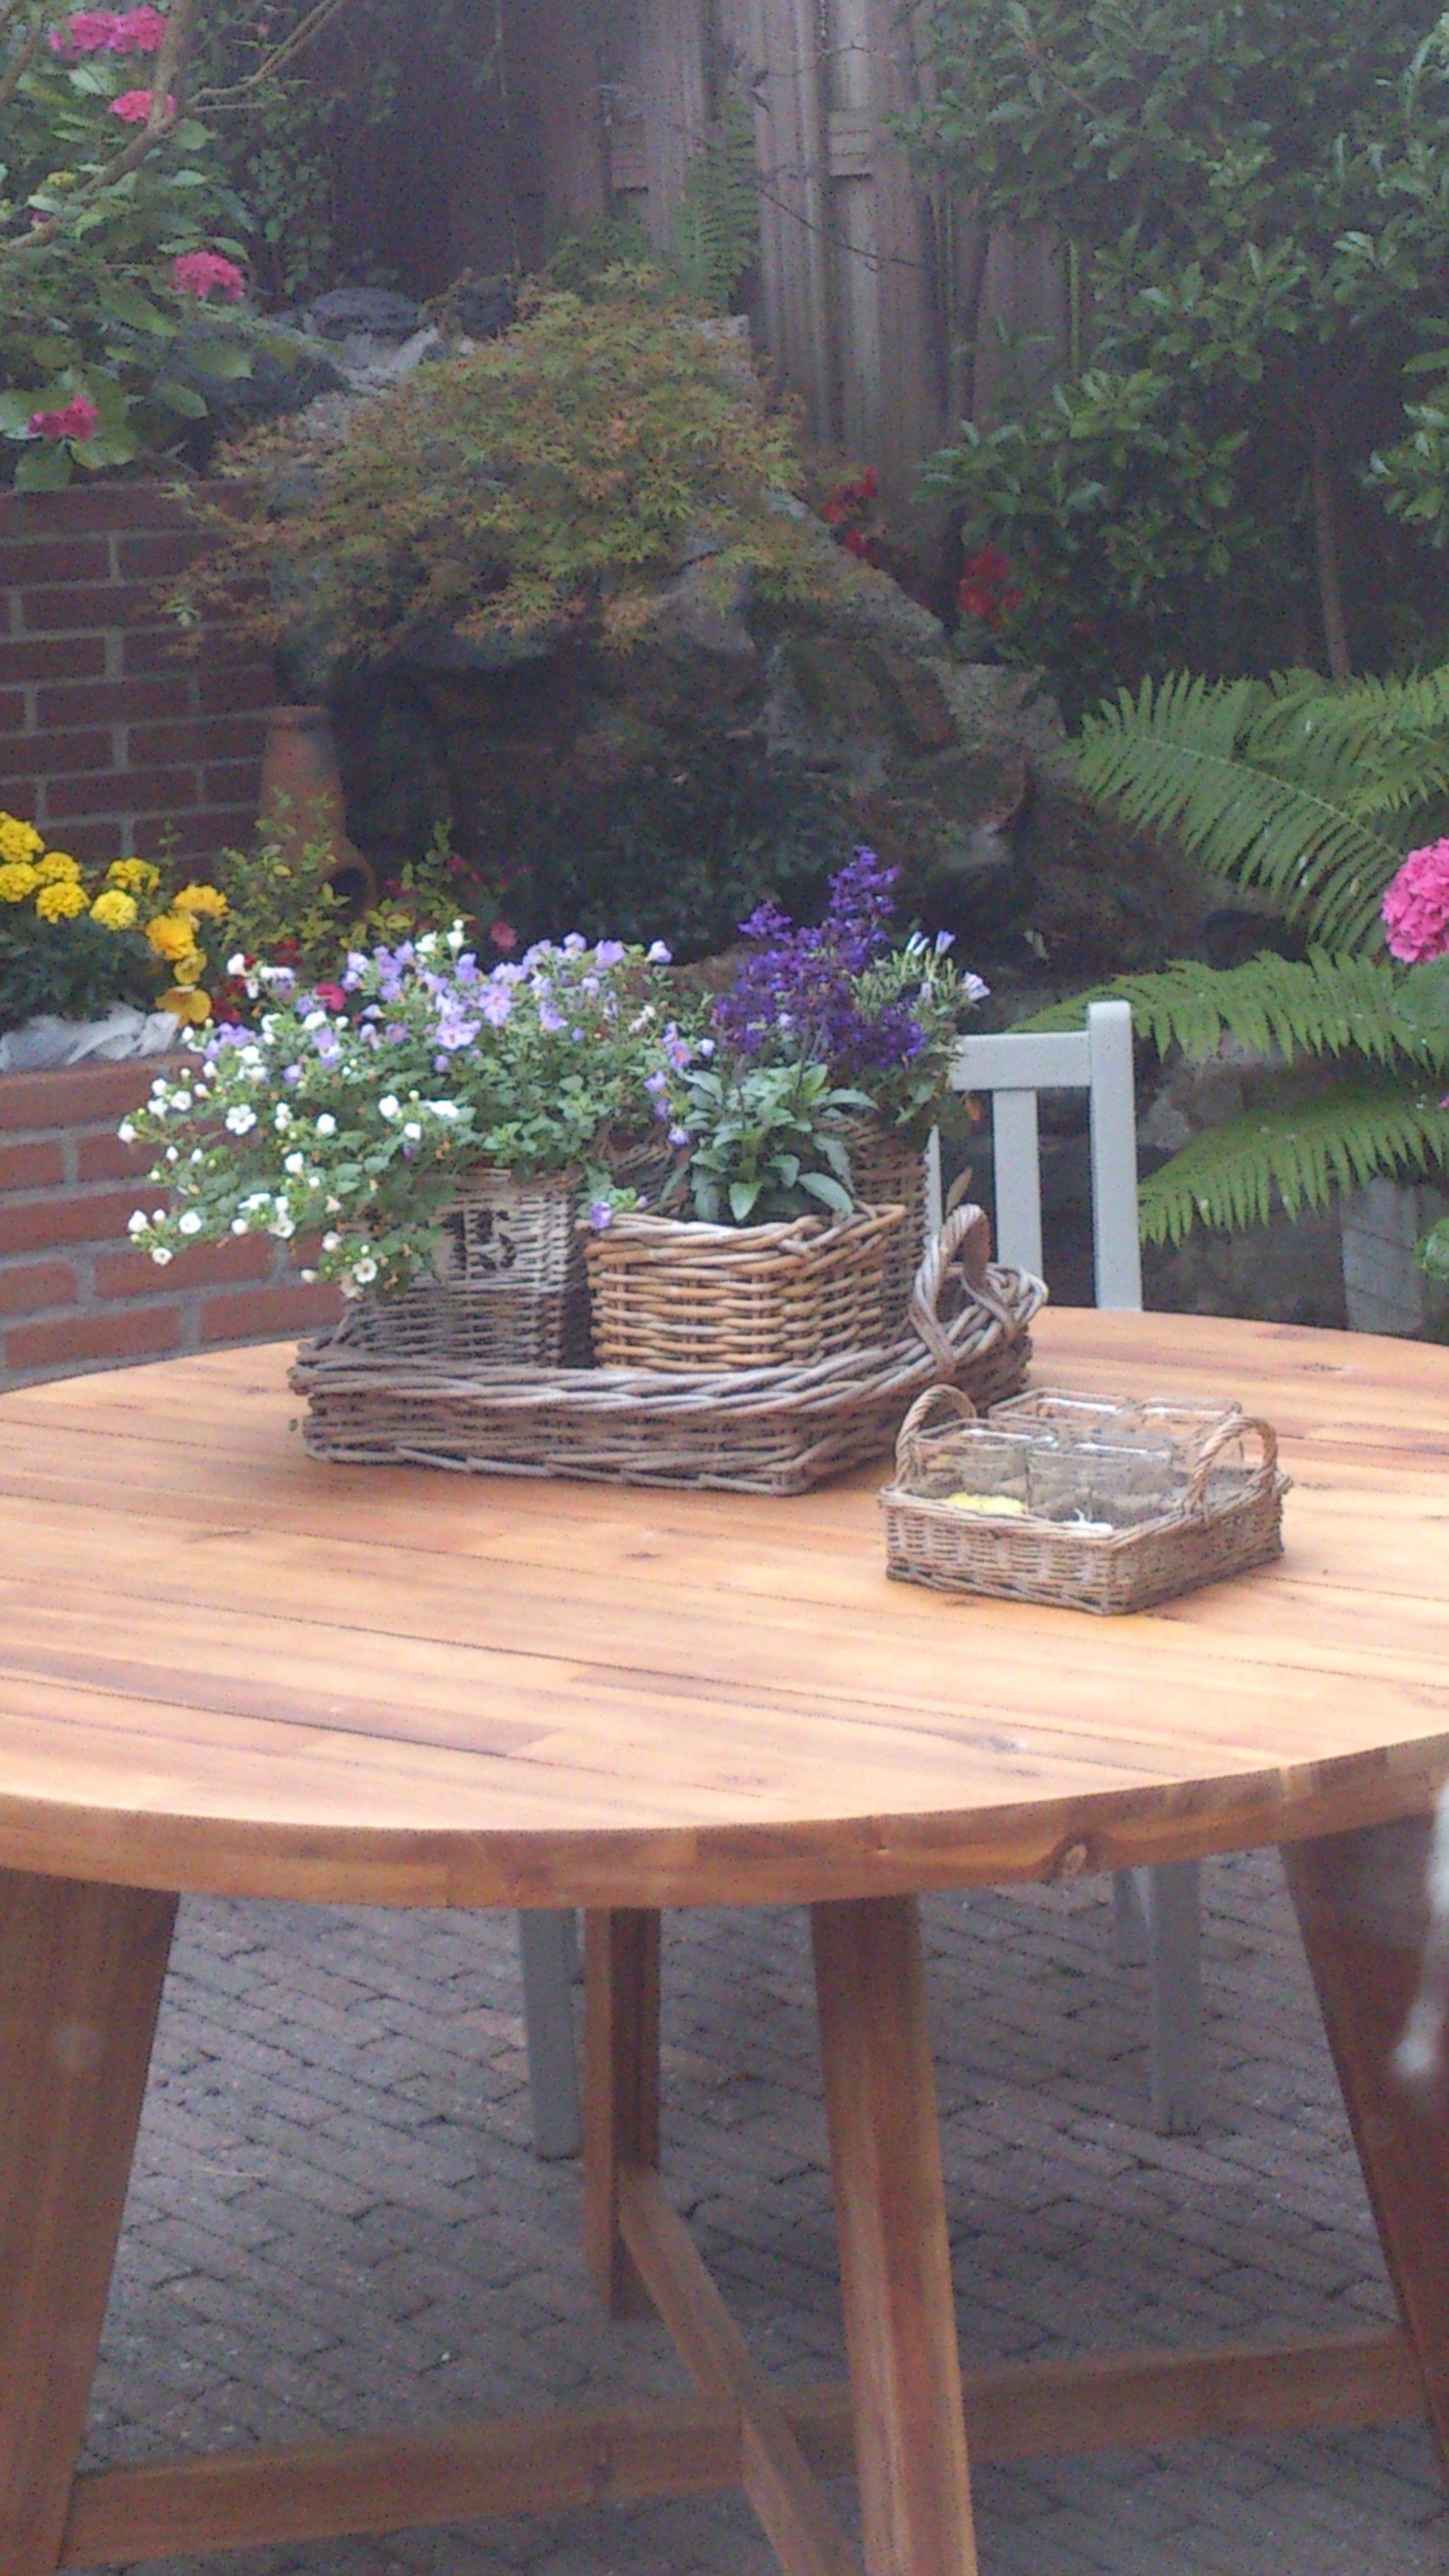 Rieten Ronde Tafel.Ronde Tafel Met Rieten Mandjes Tuin Om Van Te Genieten Outdoor